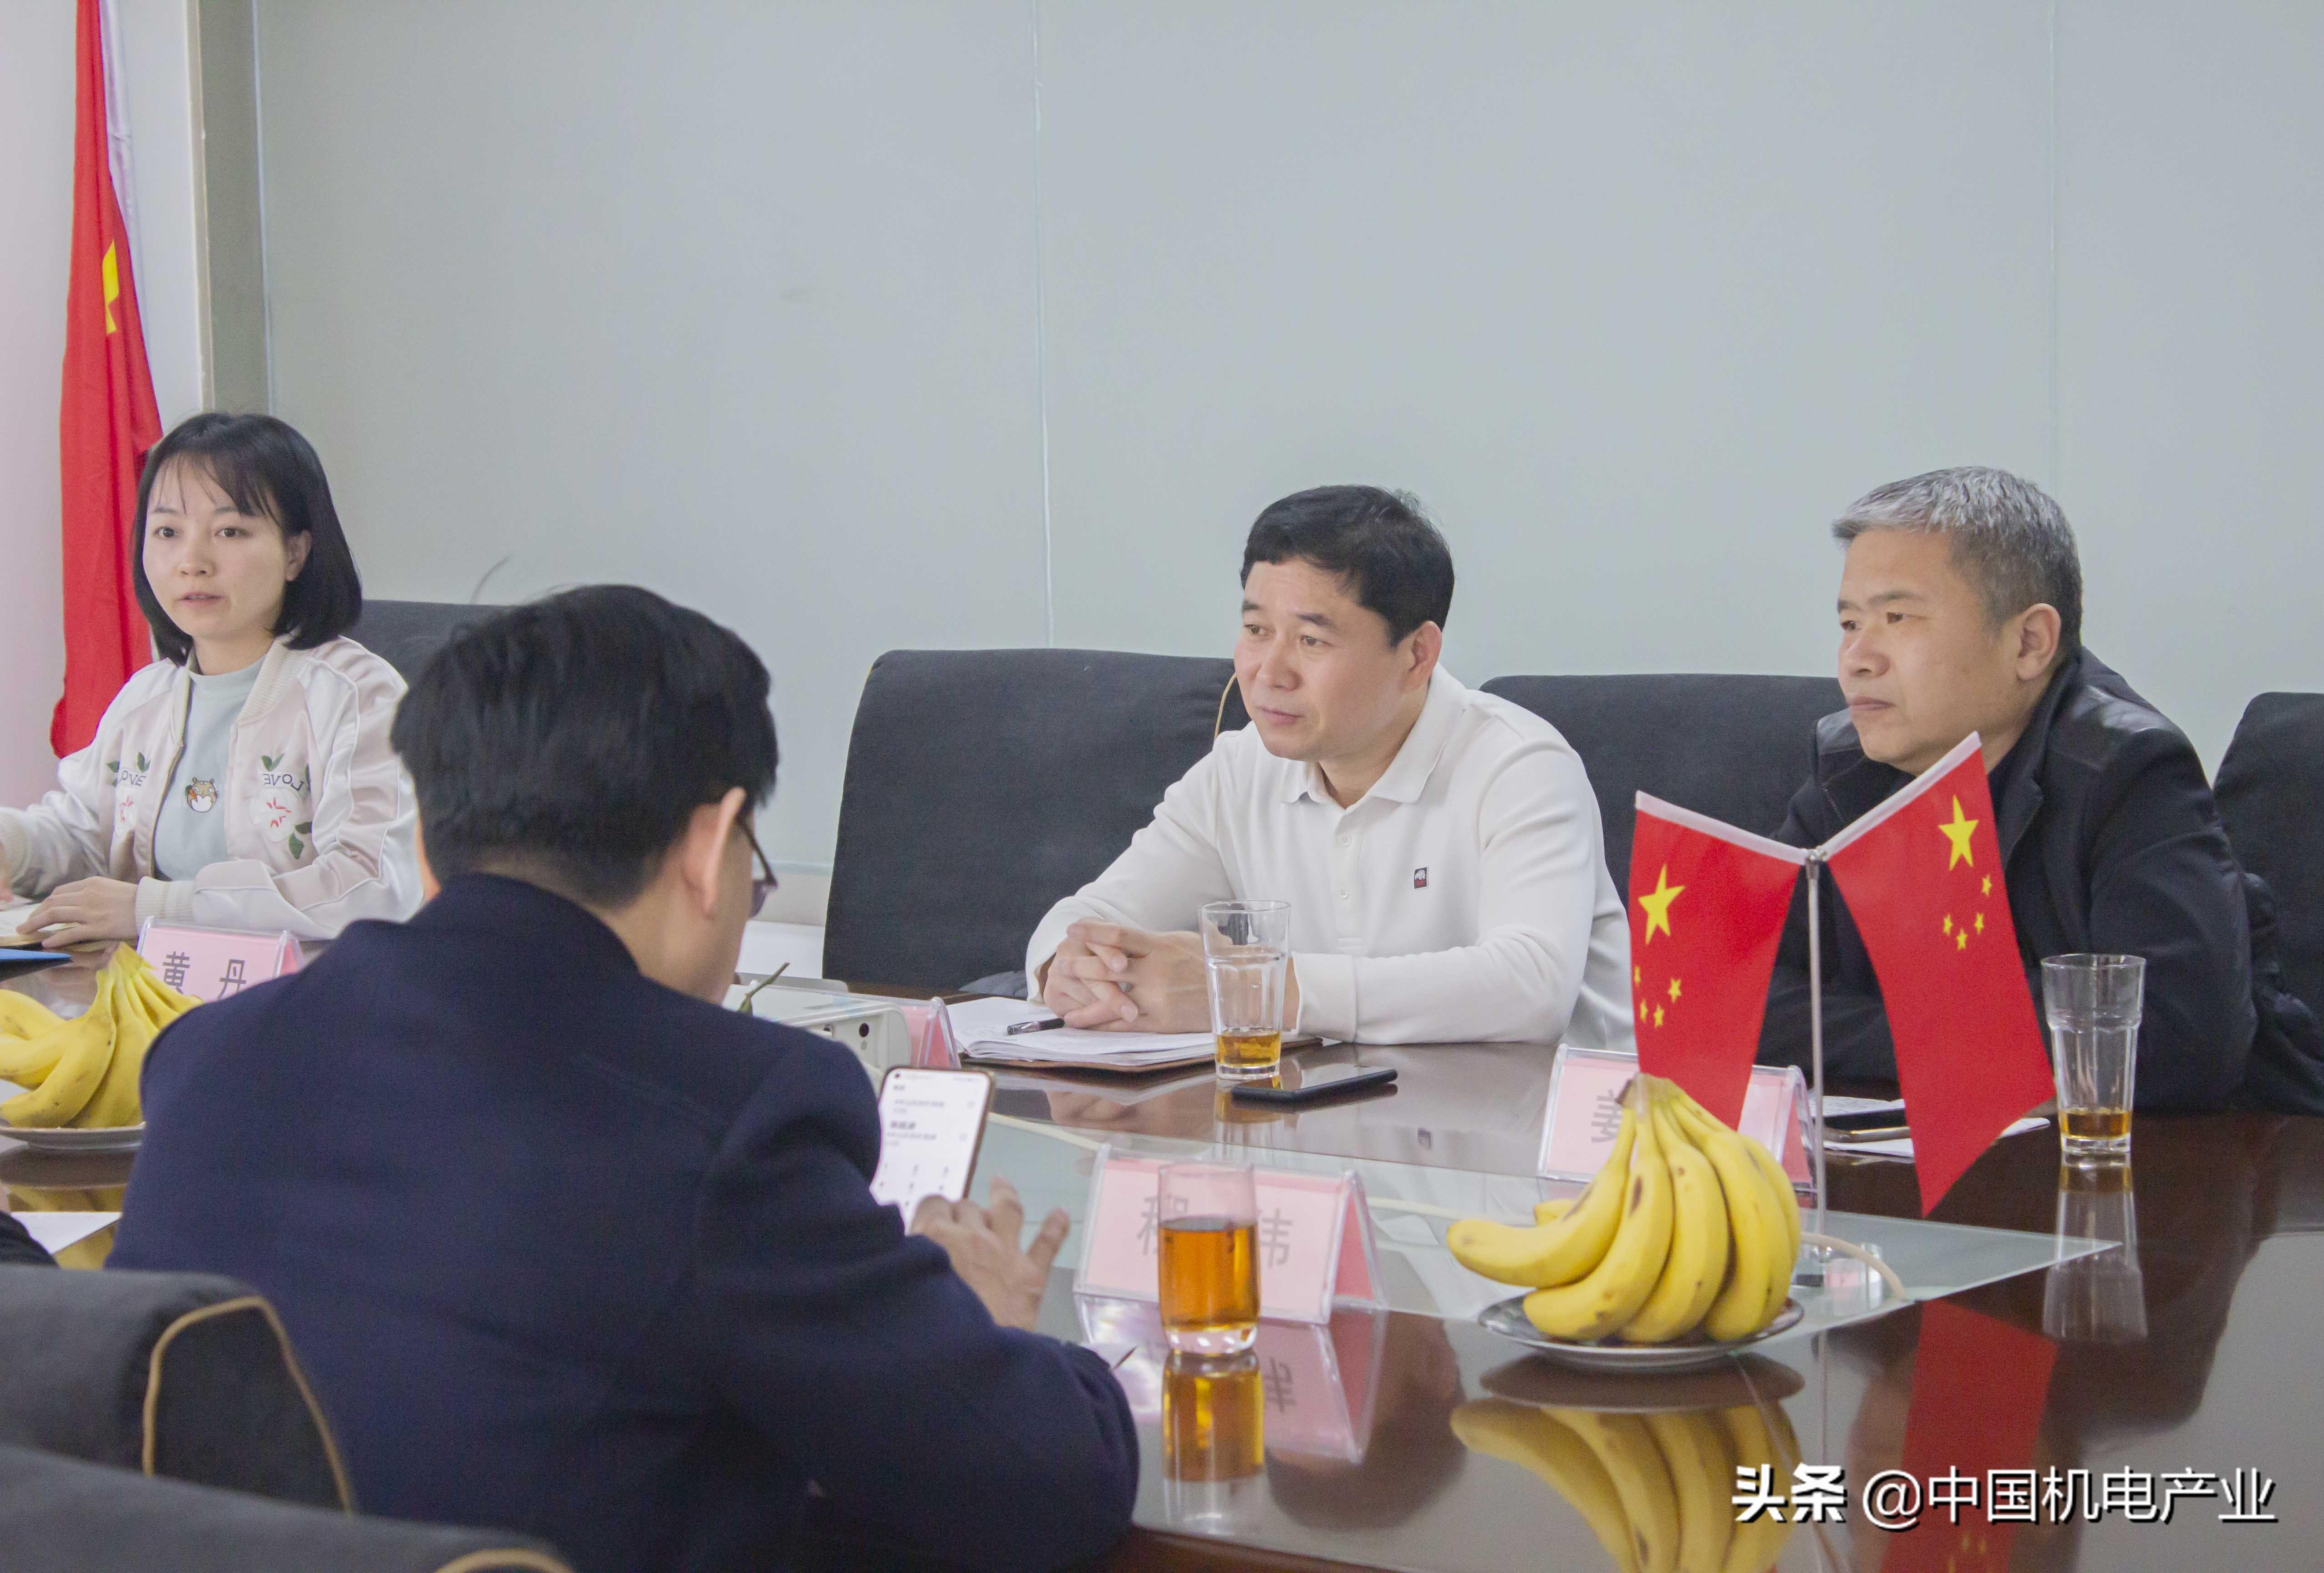 新世通电器徐润花董事长访问德和泰集团